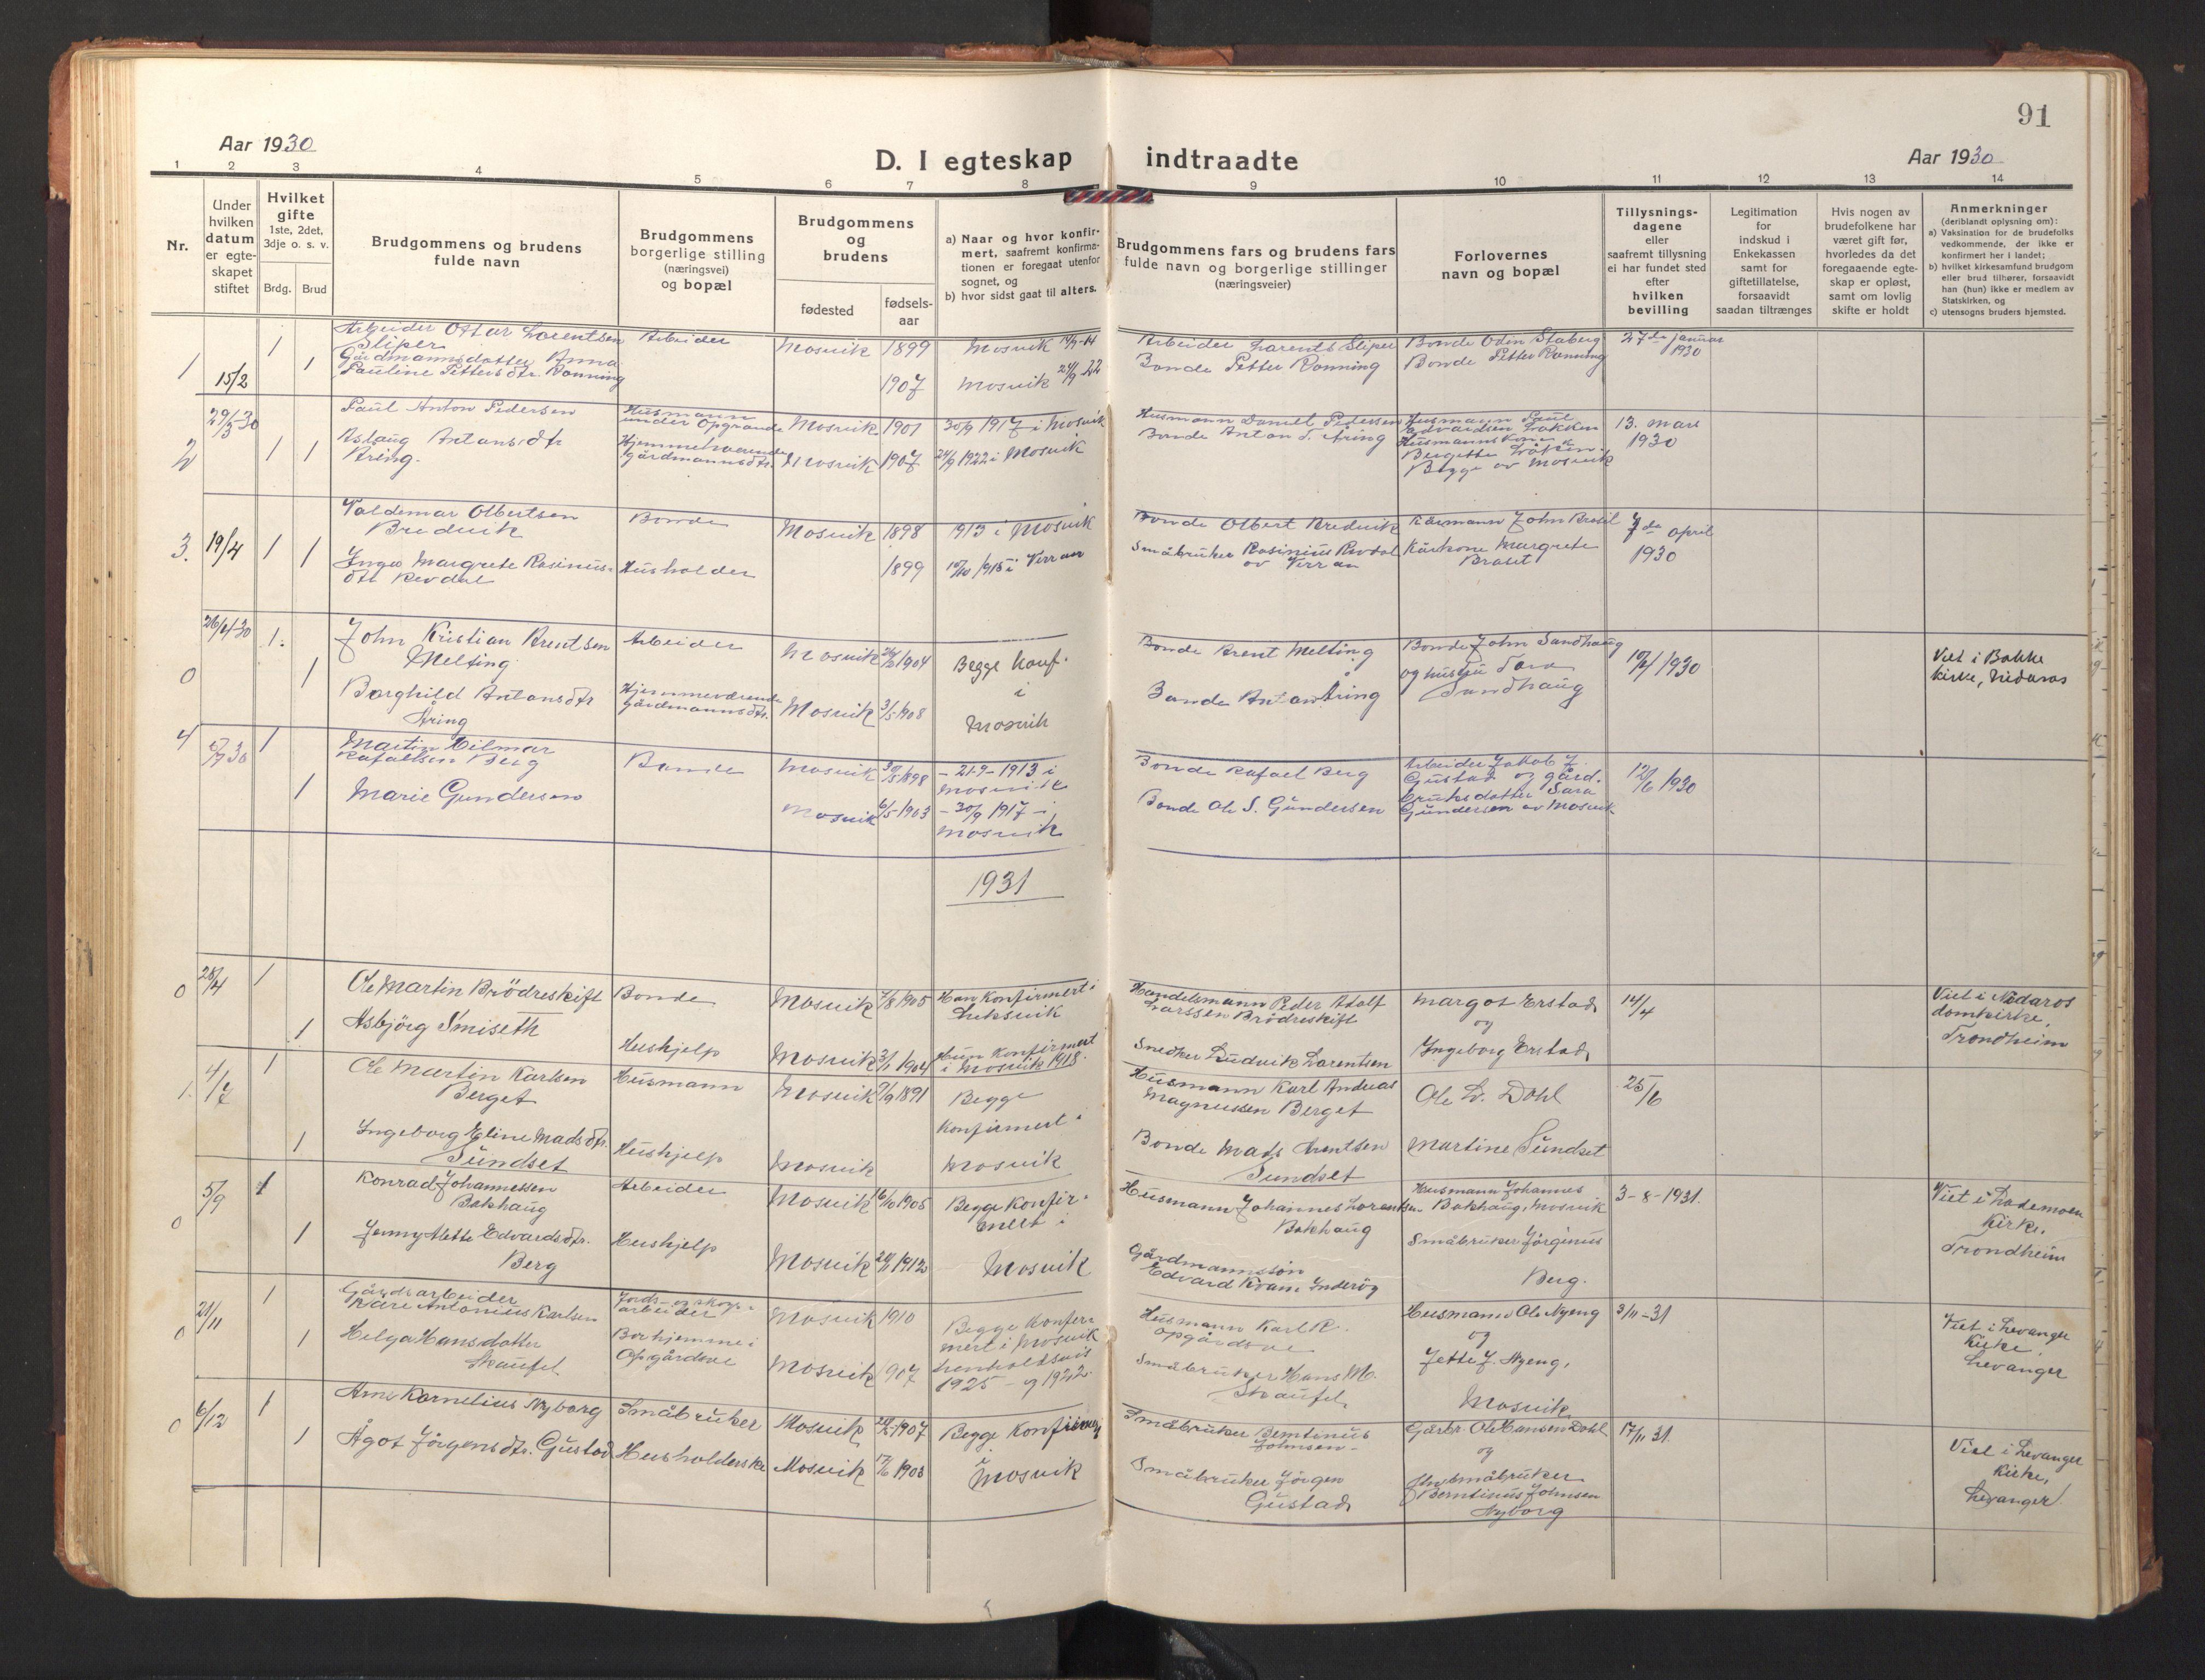 SAT, Ministerialprotokoller, klokkerbøker og fødselsregistre - Nord-Trøndelag, 733/L0328: Klokkerbok nr. 733C03, 1919-1966, s. 91